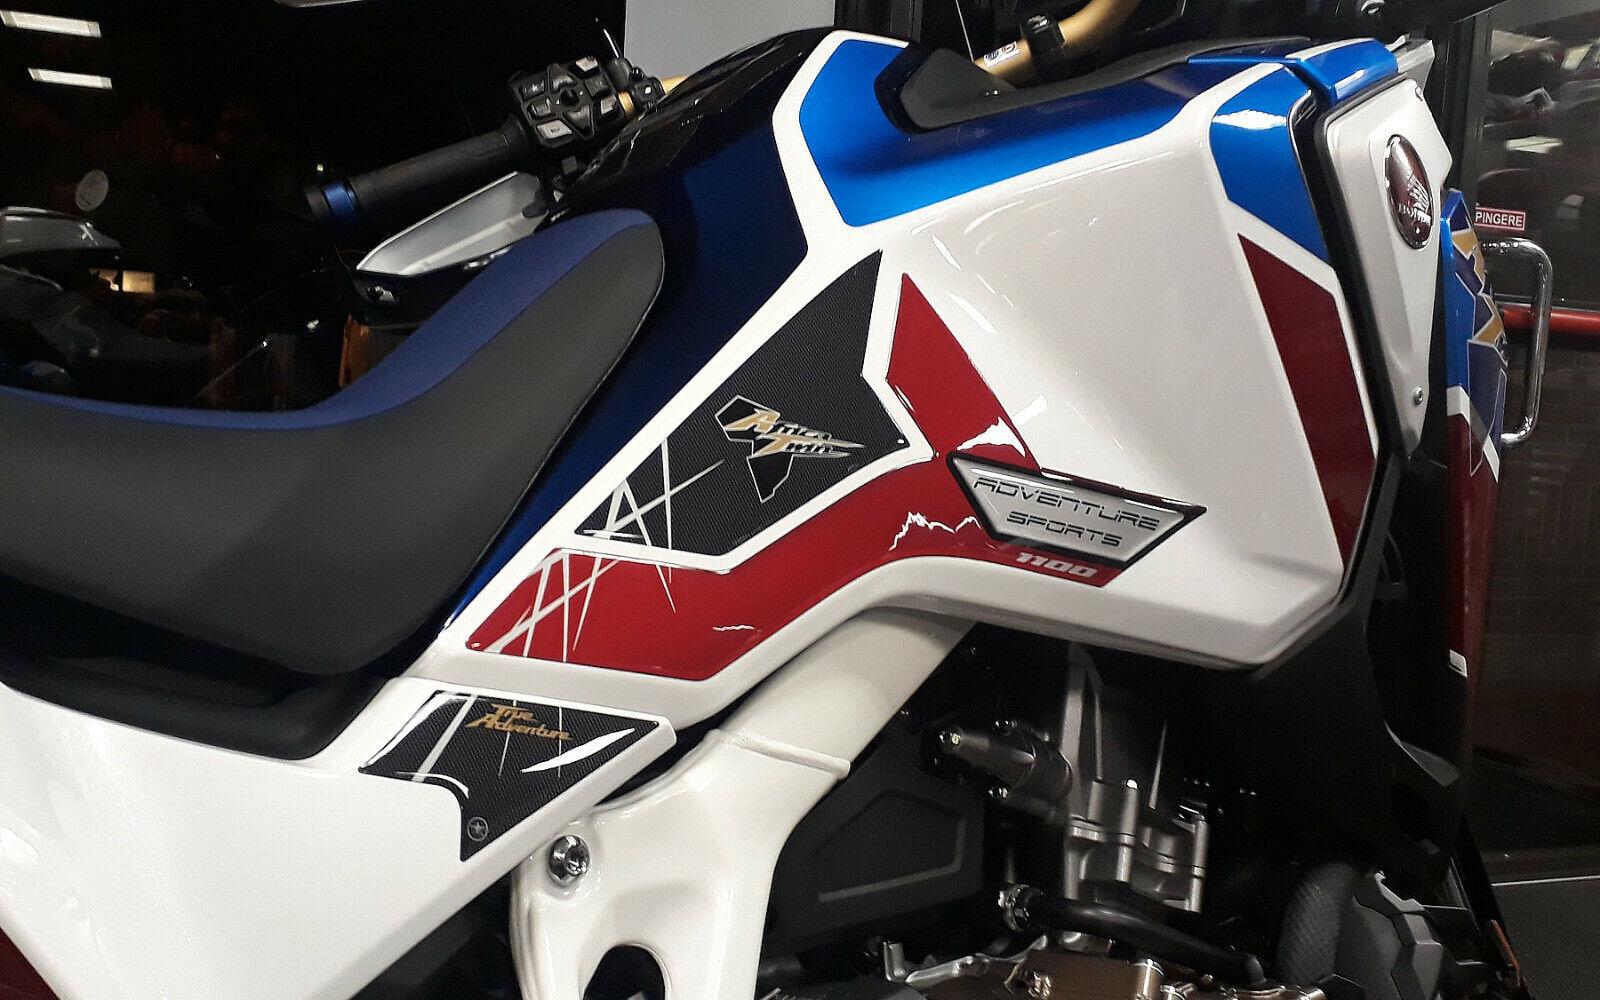 2 PROTEZIONI 3D LATERALI MOTO compatibile con HONDA AFRICA TWIN ADVENTURE 1100 colore nero